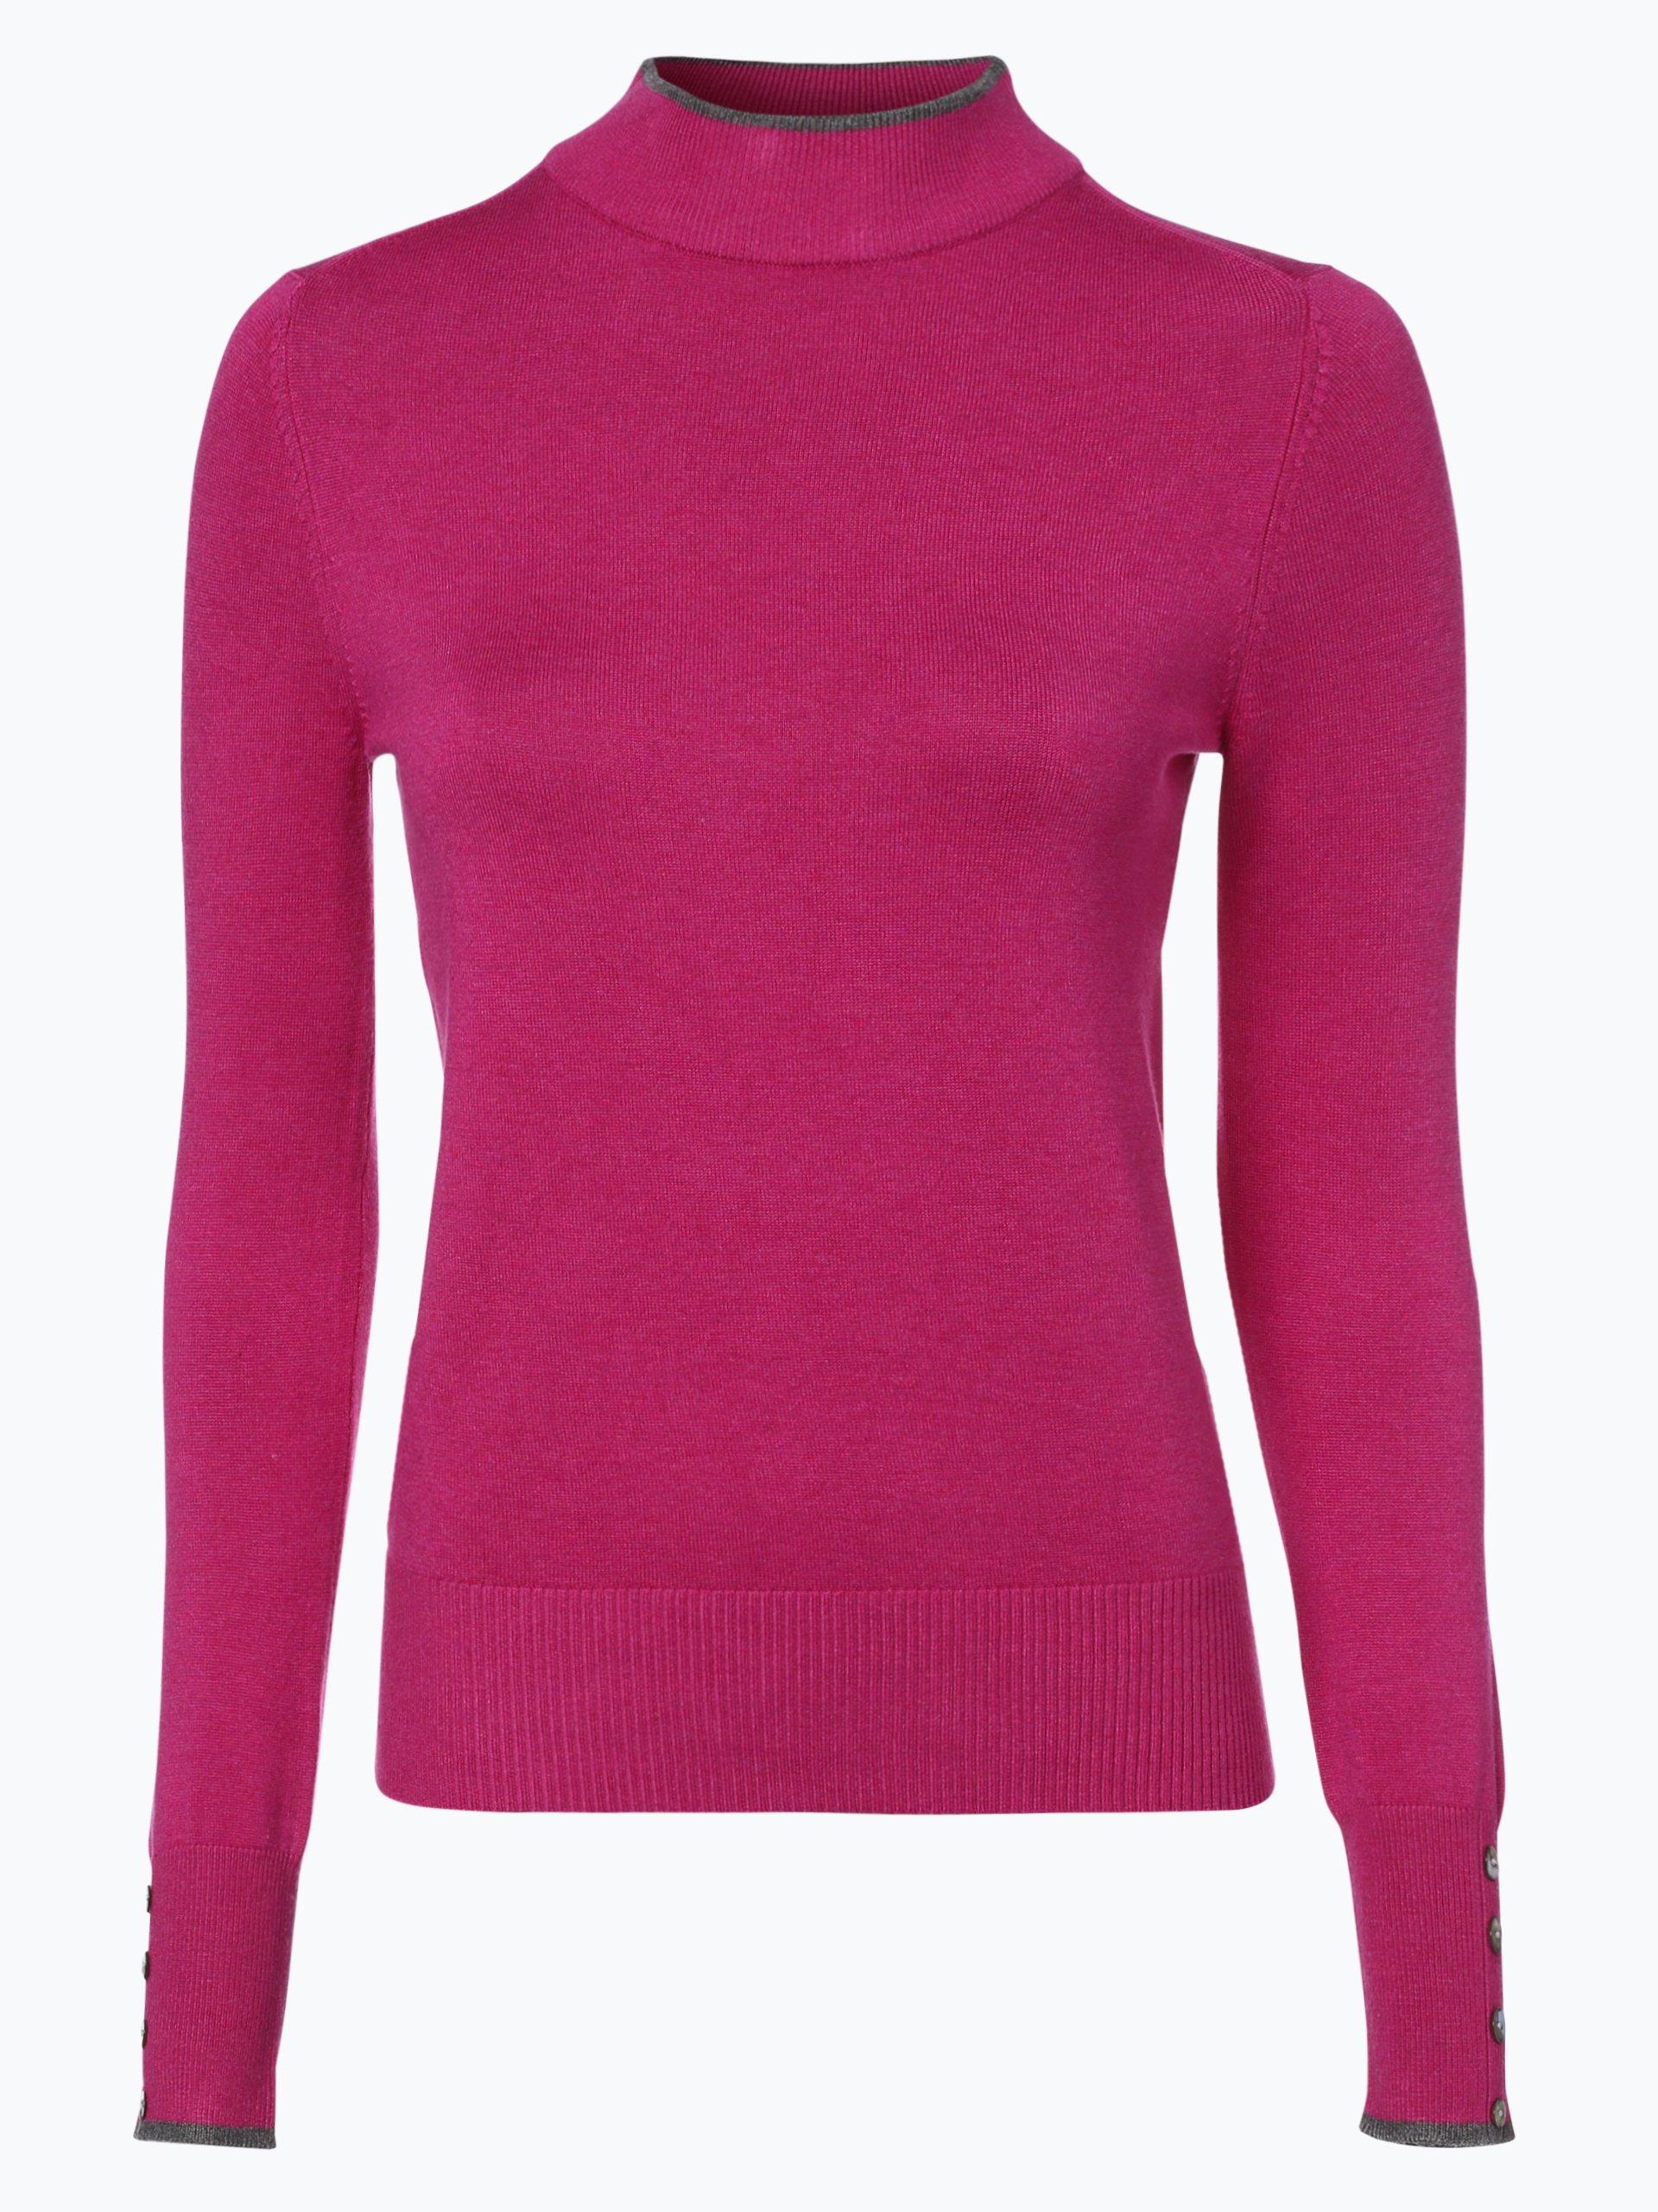 marie lund damen pullover pink fuchsia uni online kaufen. Black Bedroom Furniture Sets. Home Design Ideas